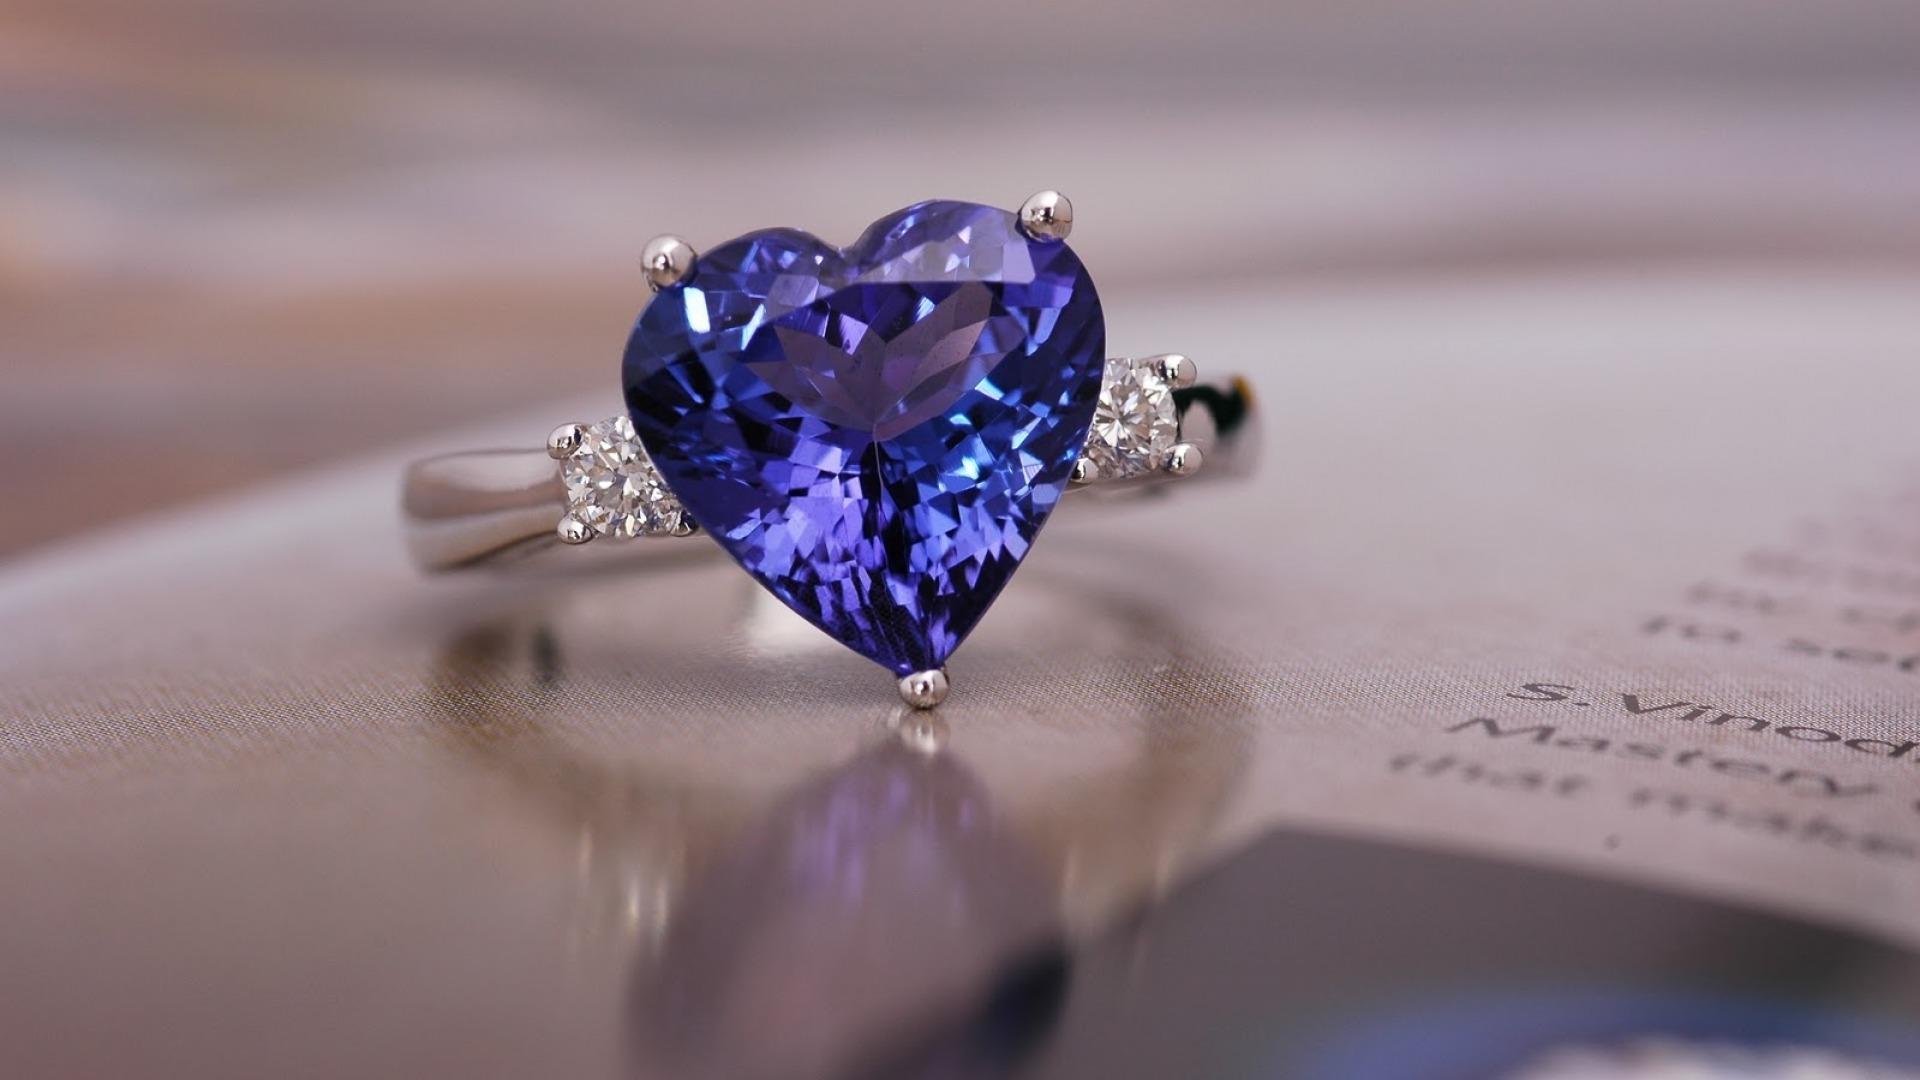 обои камень, украшение, кольцо, сапфир картинки фото